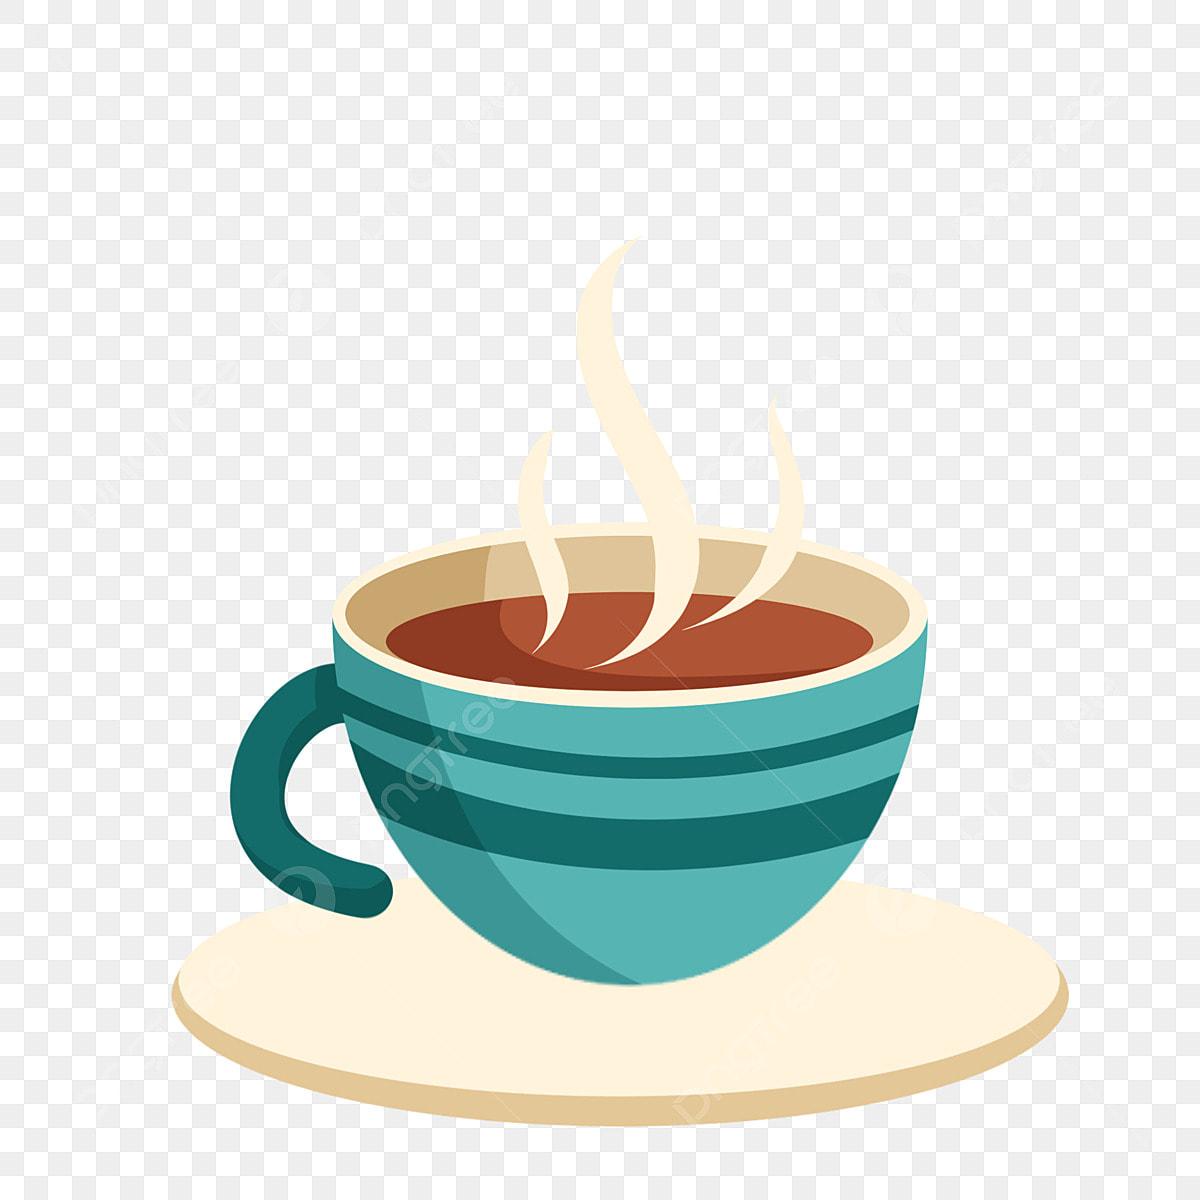 無料ダウンロードのためのコーヒー コーヒー コーヒー コップpng画像素材